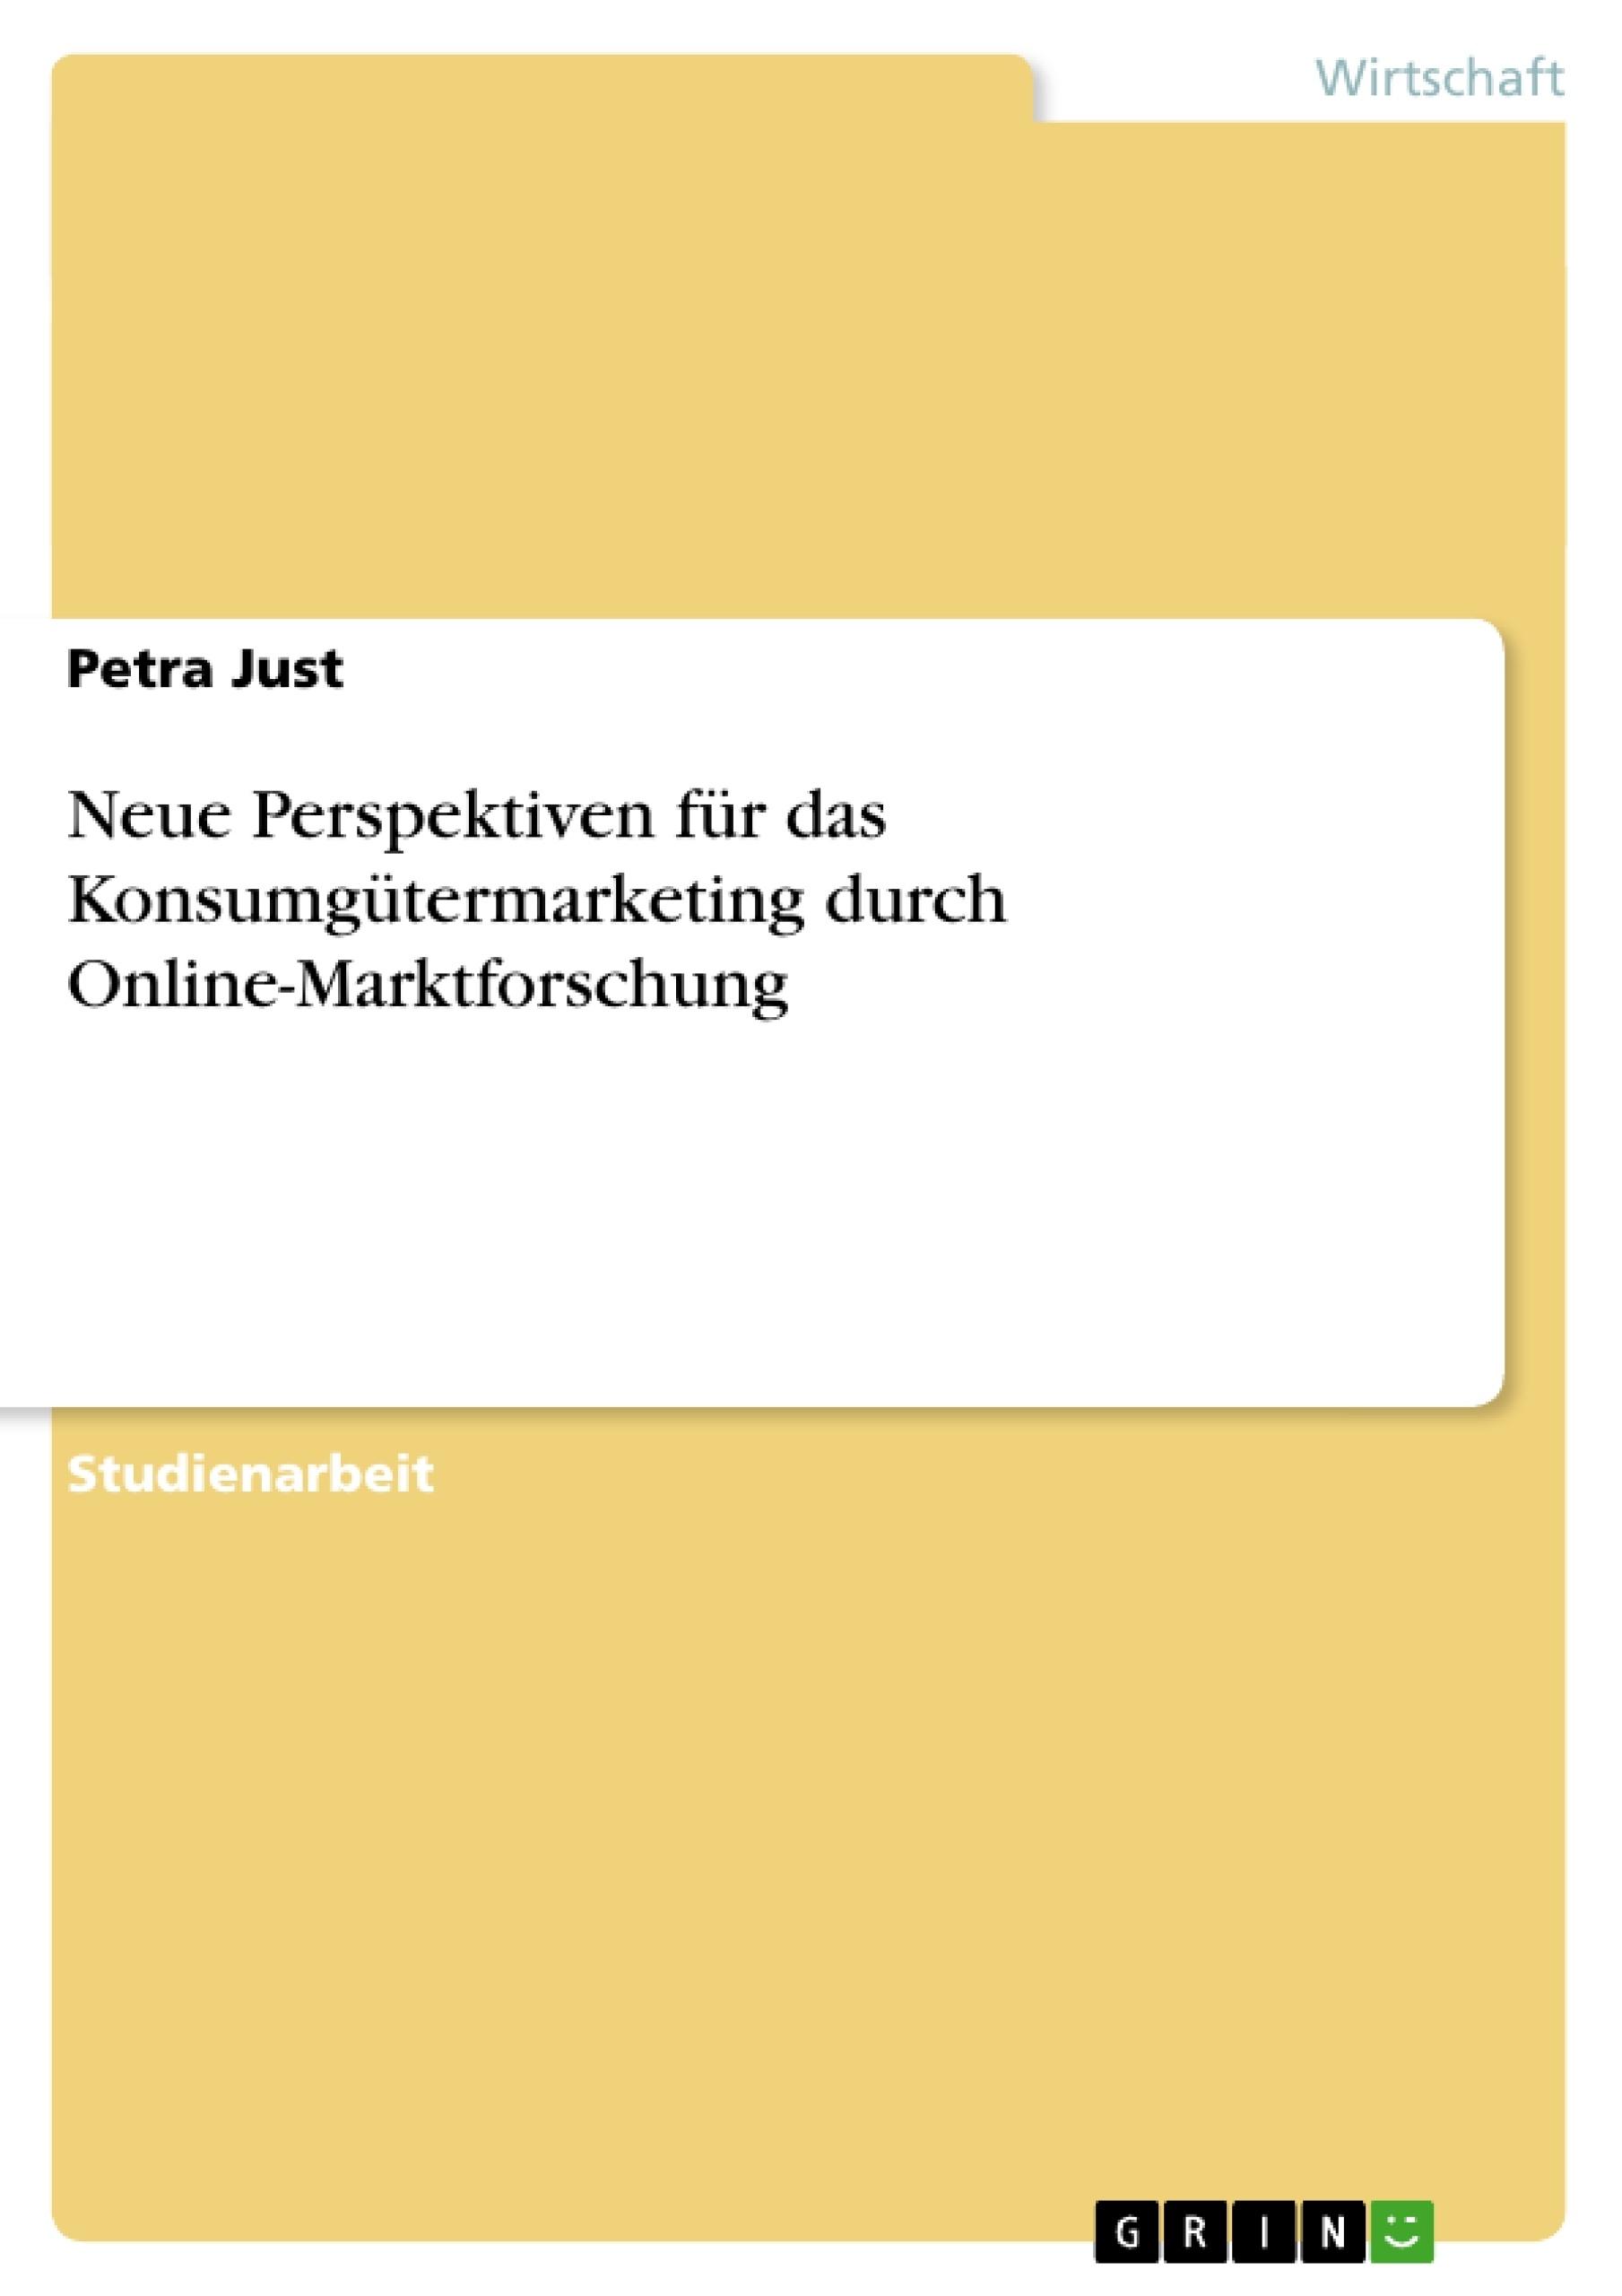 Titel: Neue Perspektiven für das Konsumgütermarketing durch Online-Marktforschung